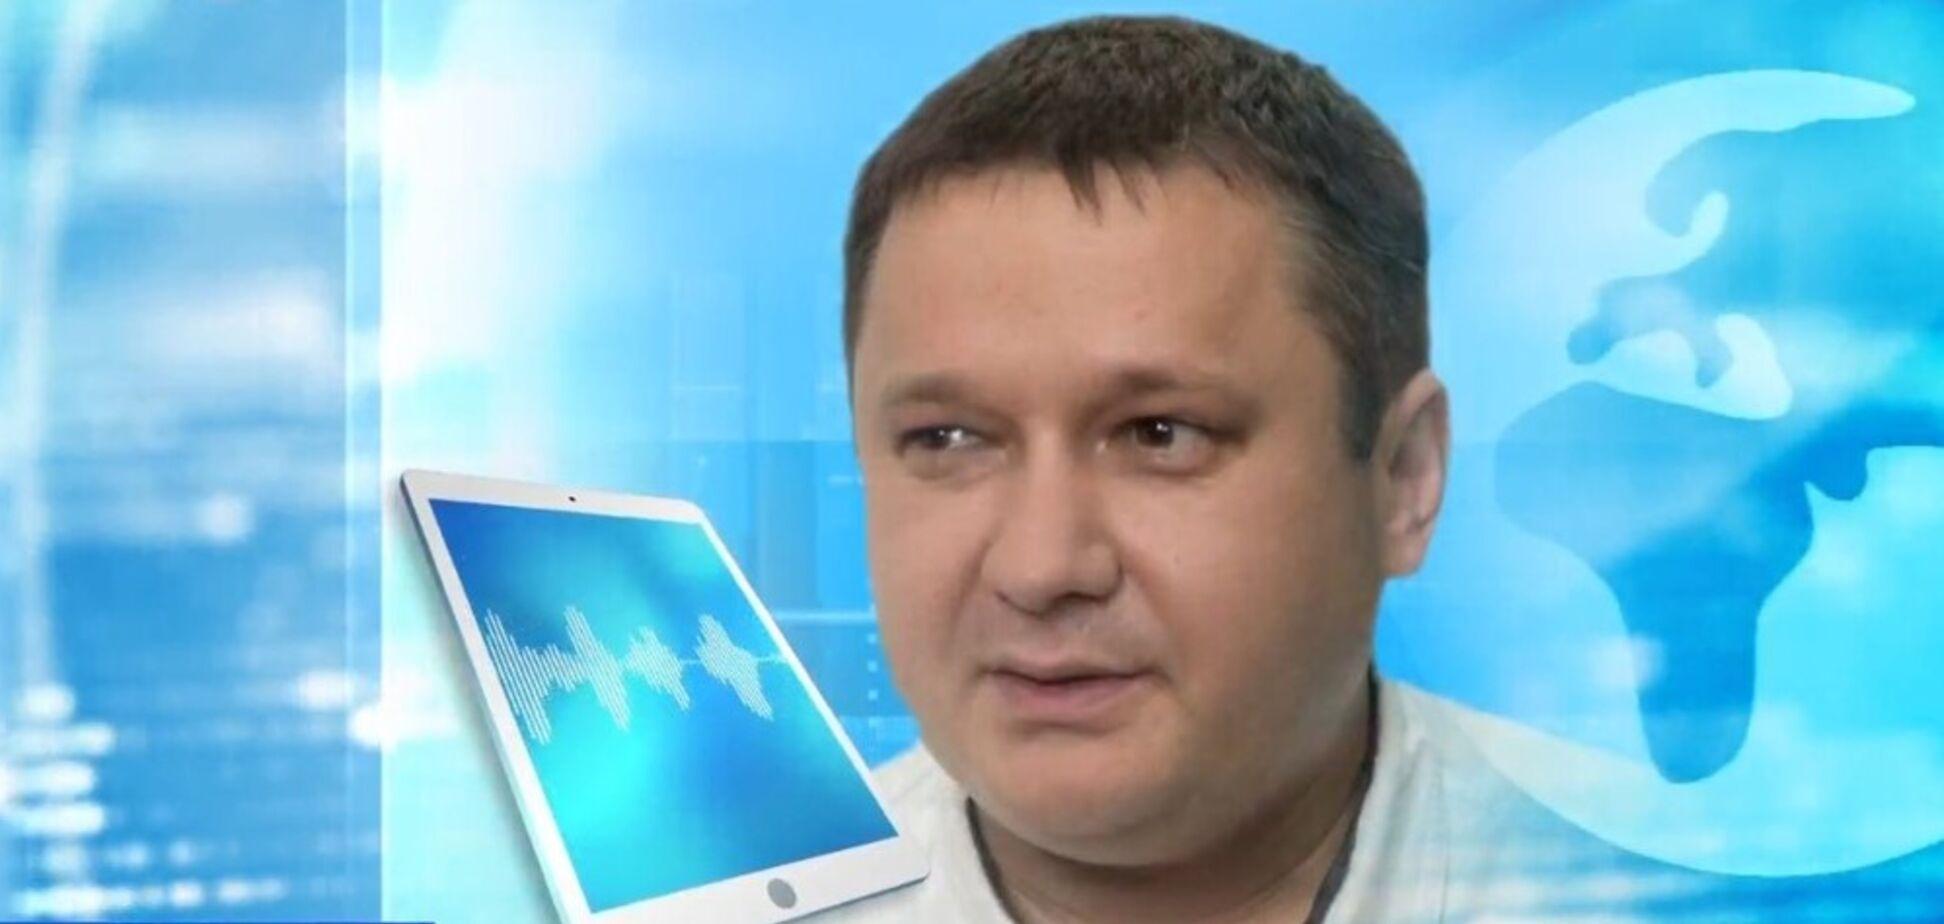 Співробітники апарату партії 'Слуга народу' працюють в тіні: експерт прокоментував скандал